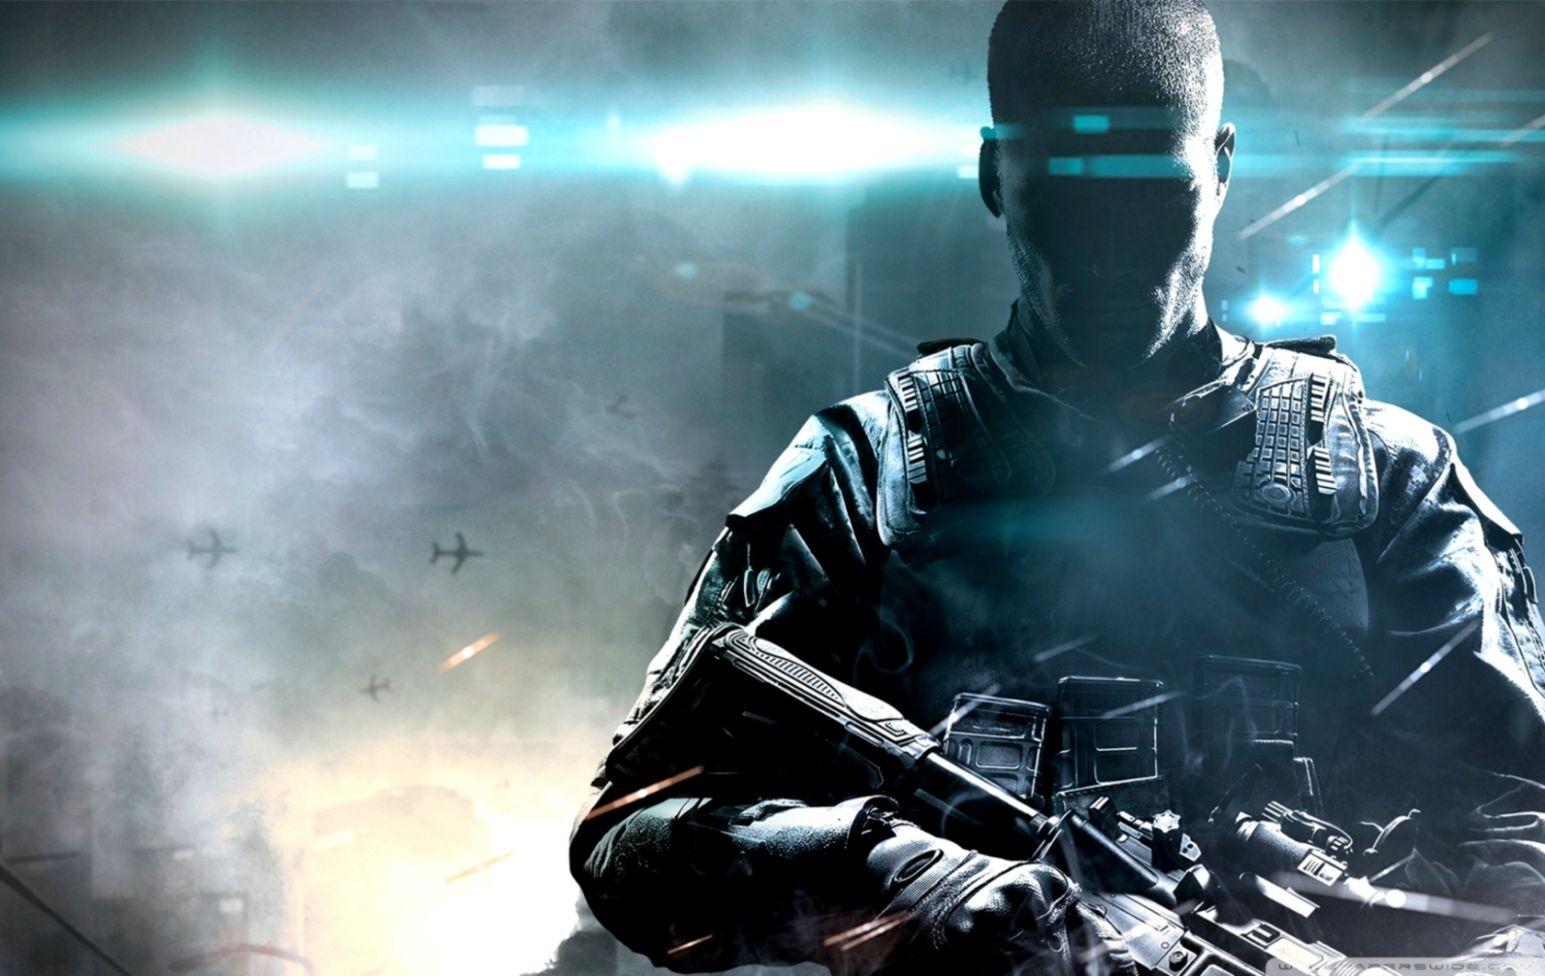 Call Of Duty Black Ops 2 ❤ 4k Hd Desktop Wallpaper - Call Of Duty 2018 Black Ops 4 - HD Wallpaper